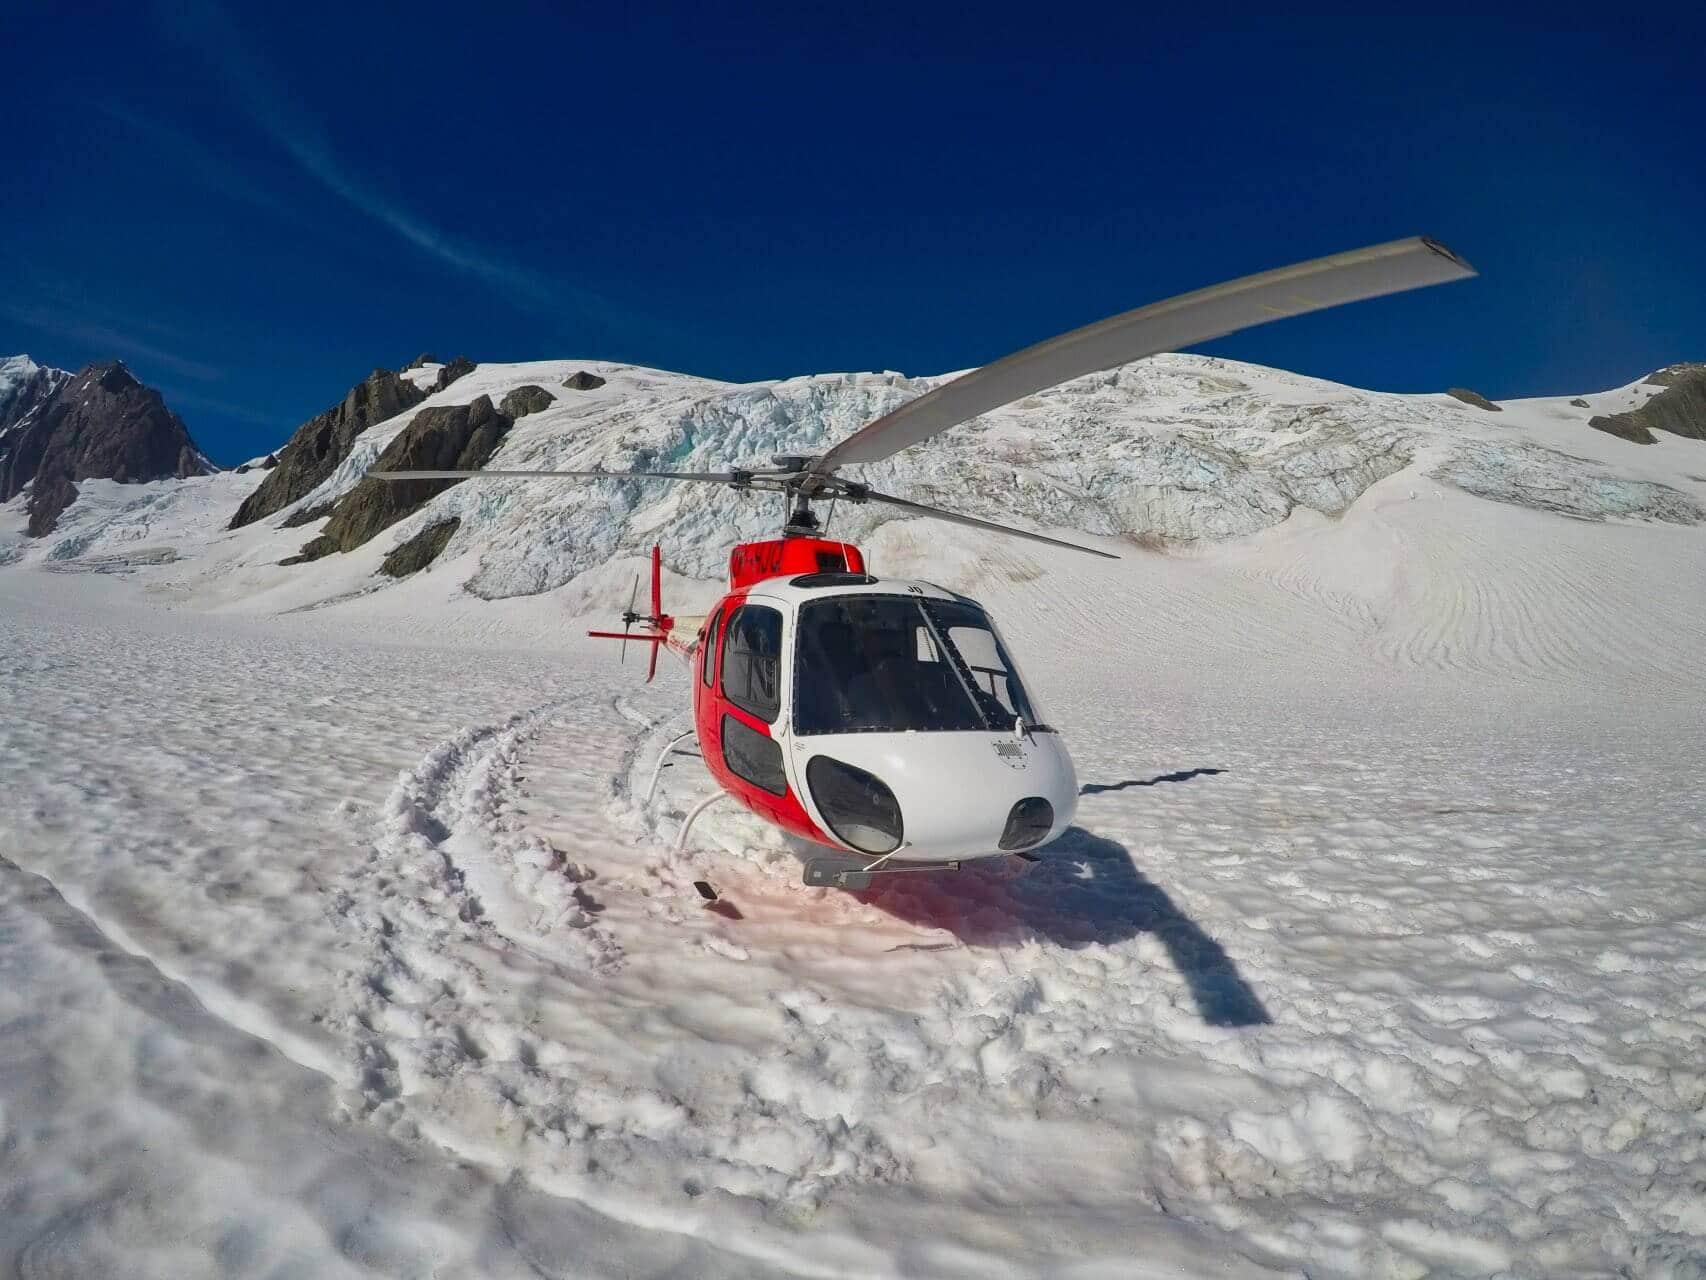 Fox-glacier-helicopter-snowlanding